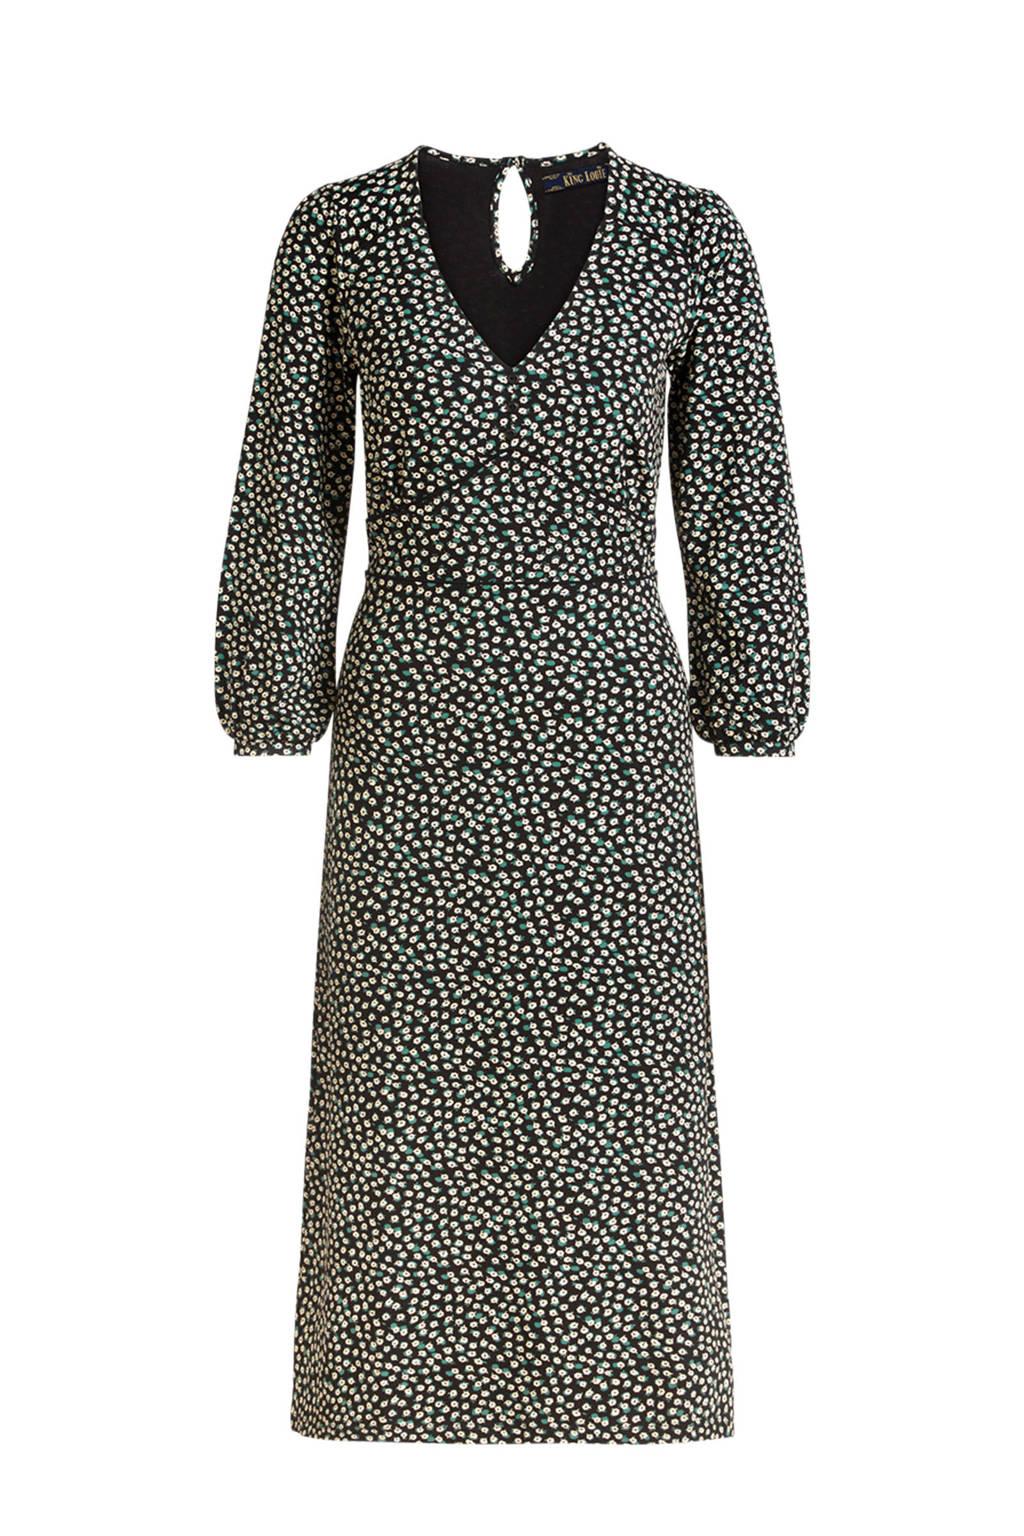 King Louie gebloemde jurk Lynn Sevres zwart/wit/groen, Zwart/wit/groen